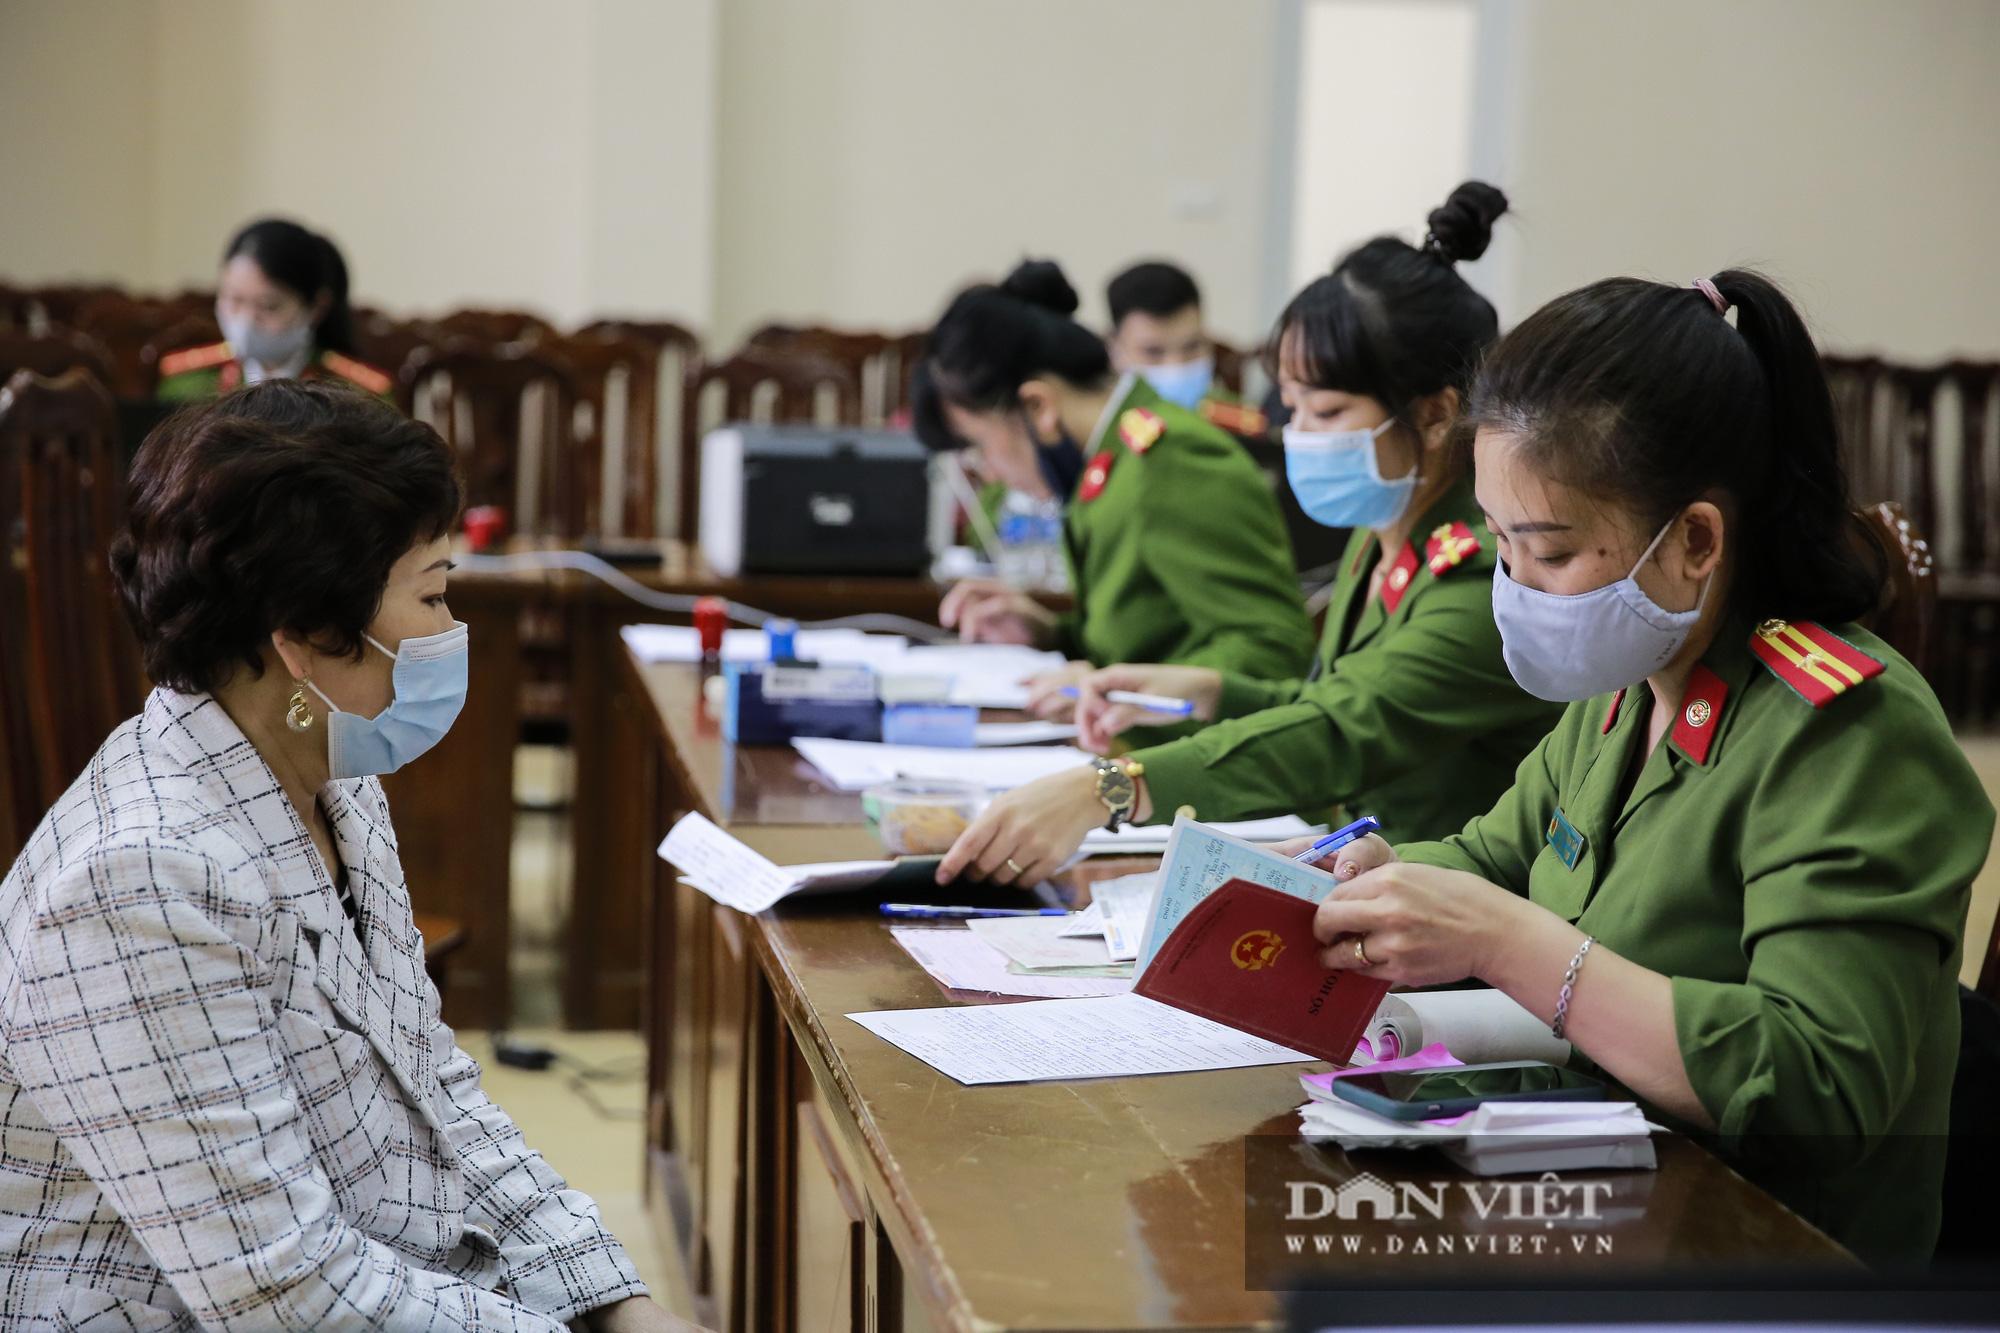 Mục sở thị quá trình cấp thẻ căn cước công dân gắn chíp lưu động tại Hà Nội - Ảnh 11.